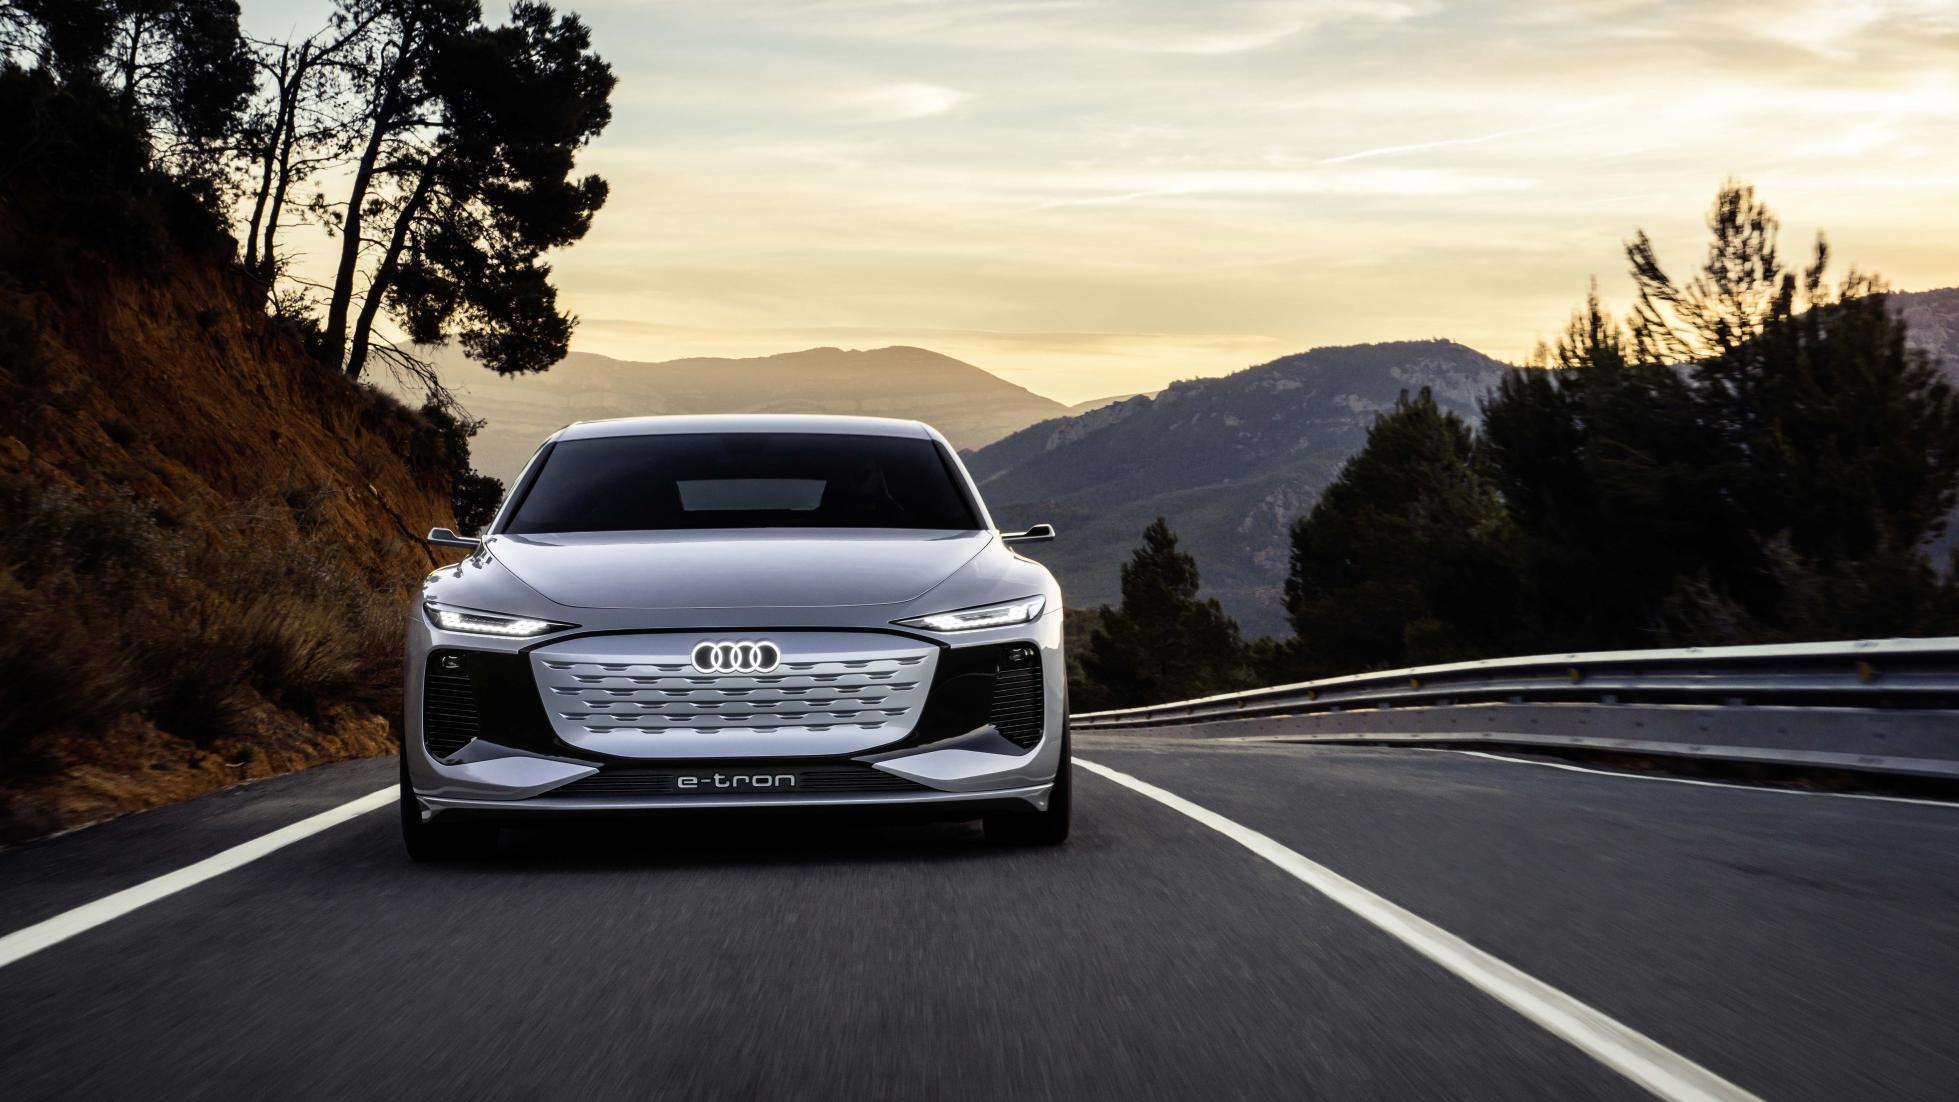 The Audi A6 e-tron concept Front View